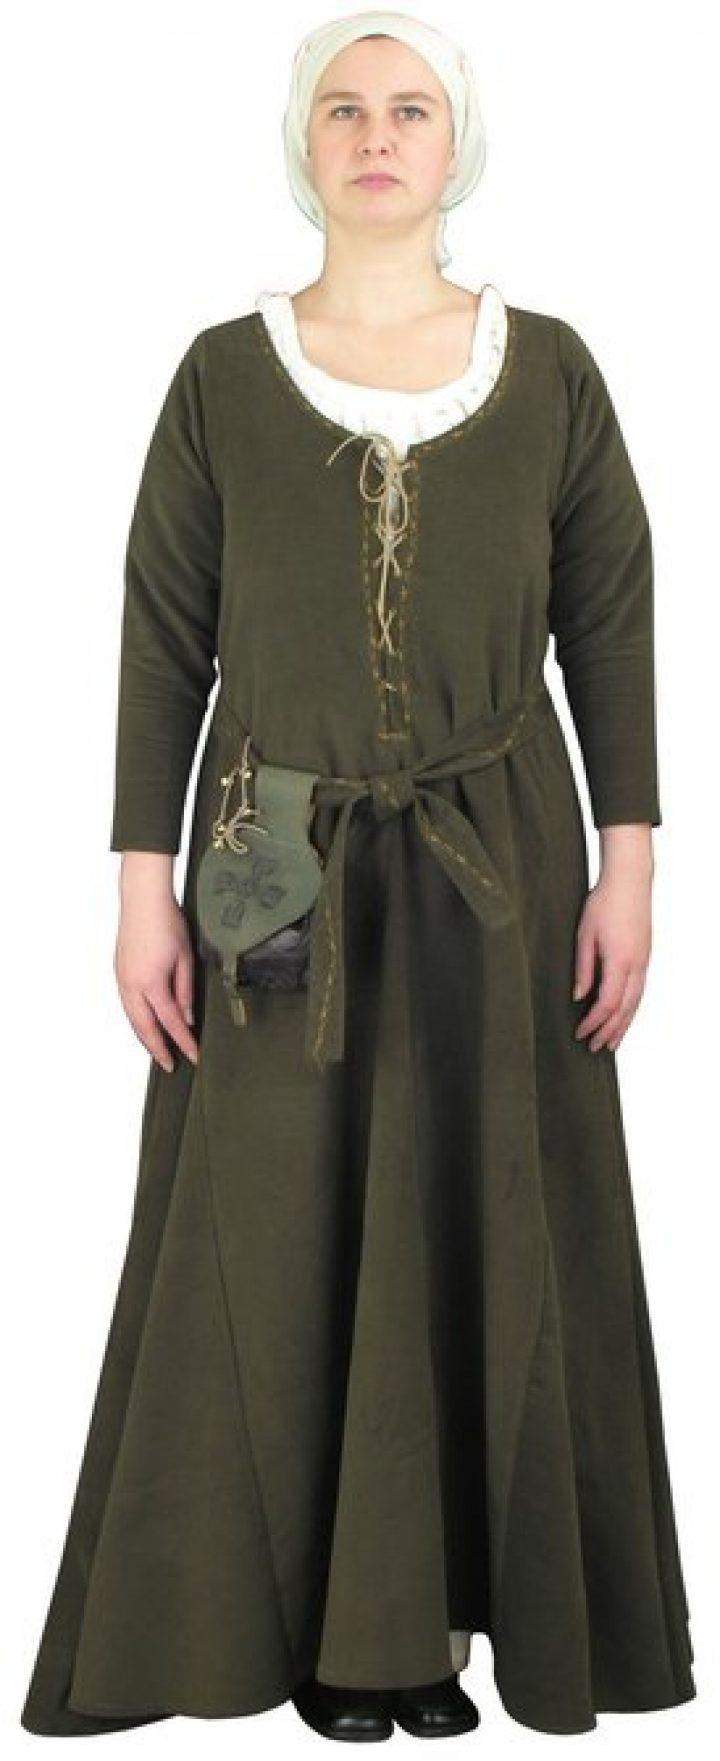 Middeleeuwse 15e eeuwse dames set 4 delig in Bruin